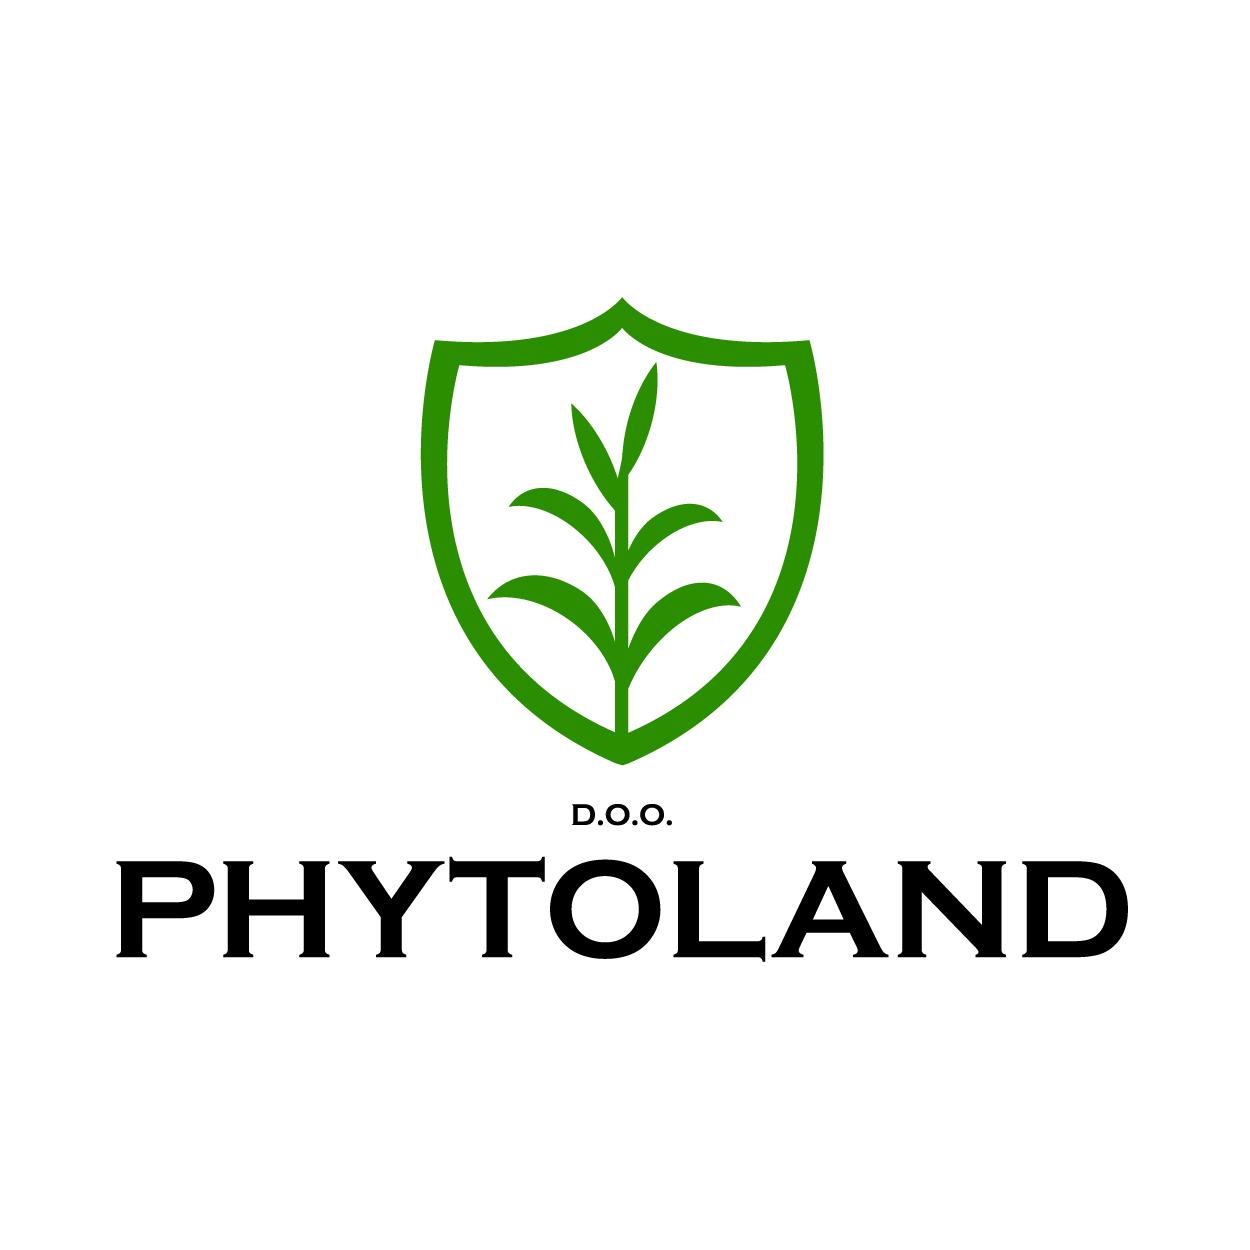 Phytoland d.o.o.